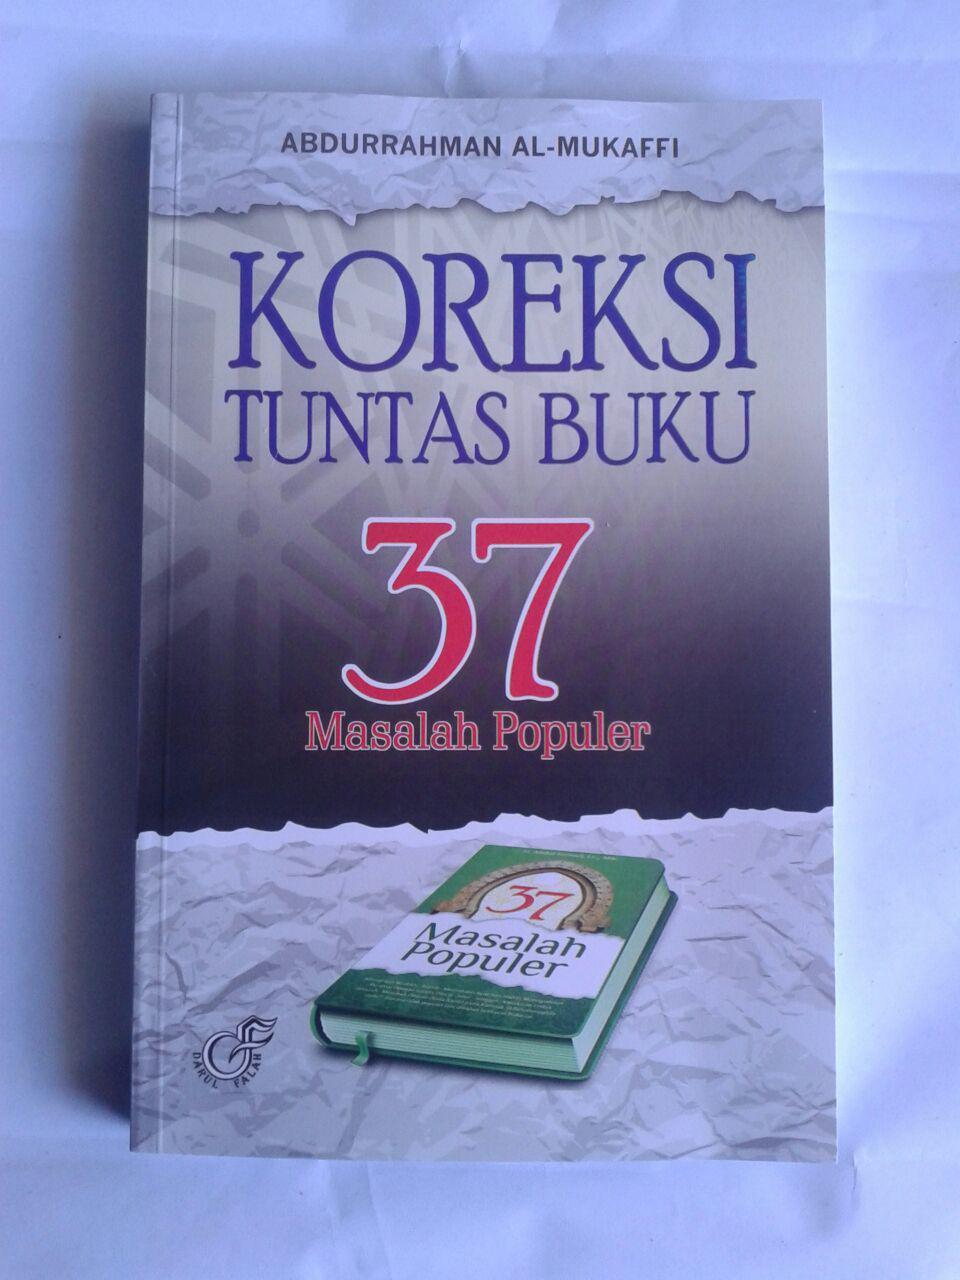 Buku Koreksi Tuntas Buku 37 Masalah Populer cover 2